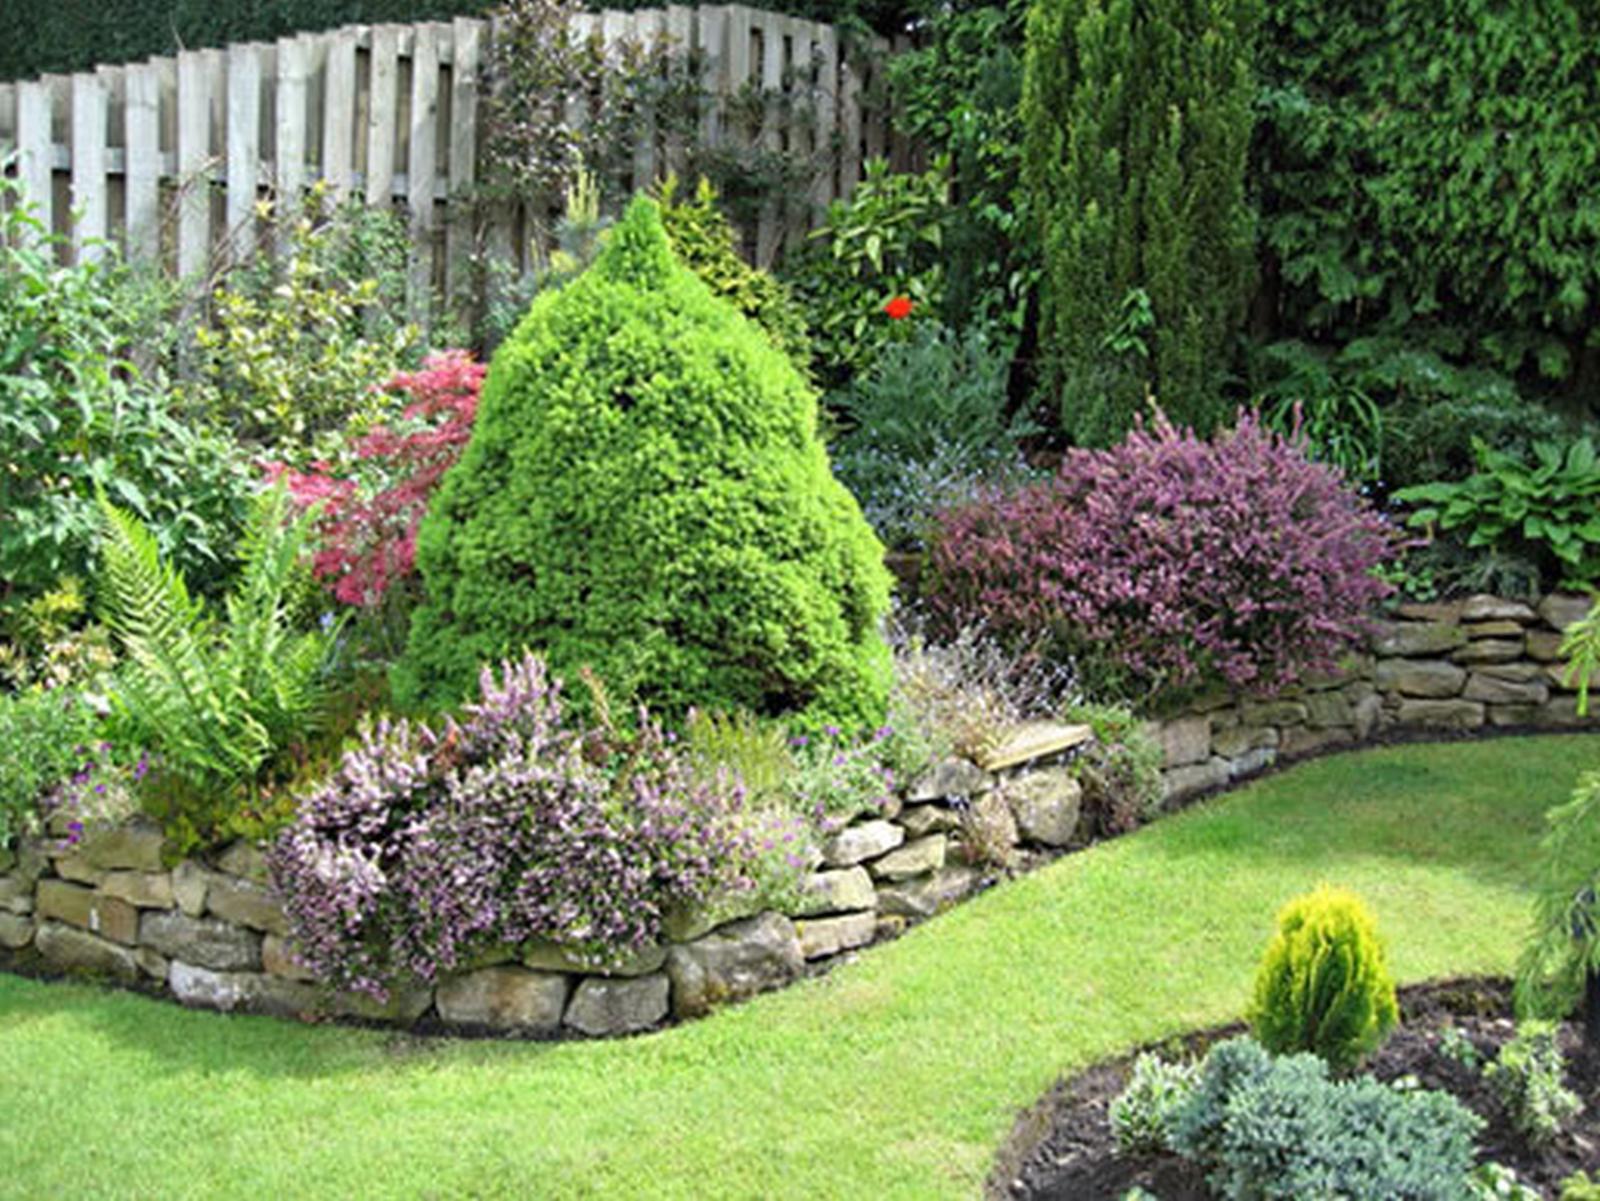 Inšpirácia pre moju záhradu - Obrázok č. 14